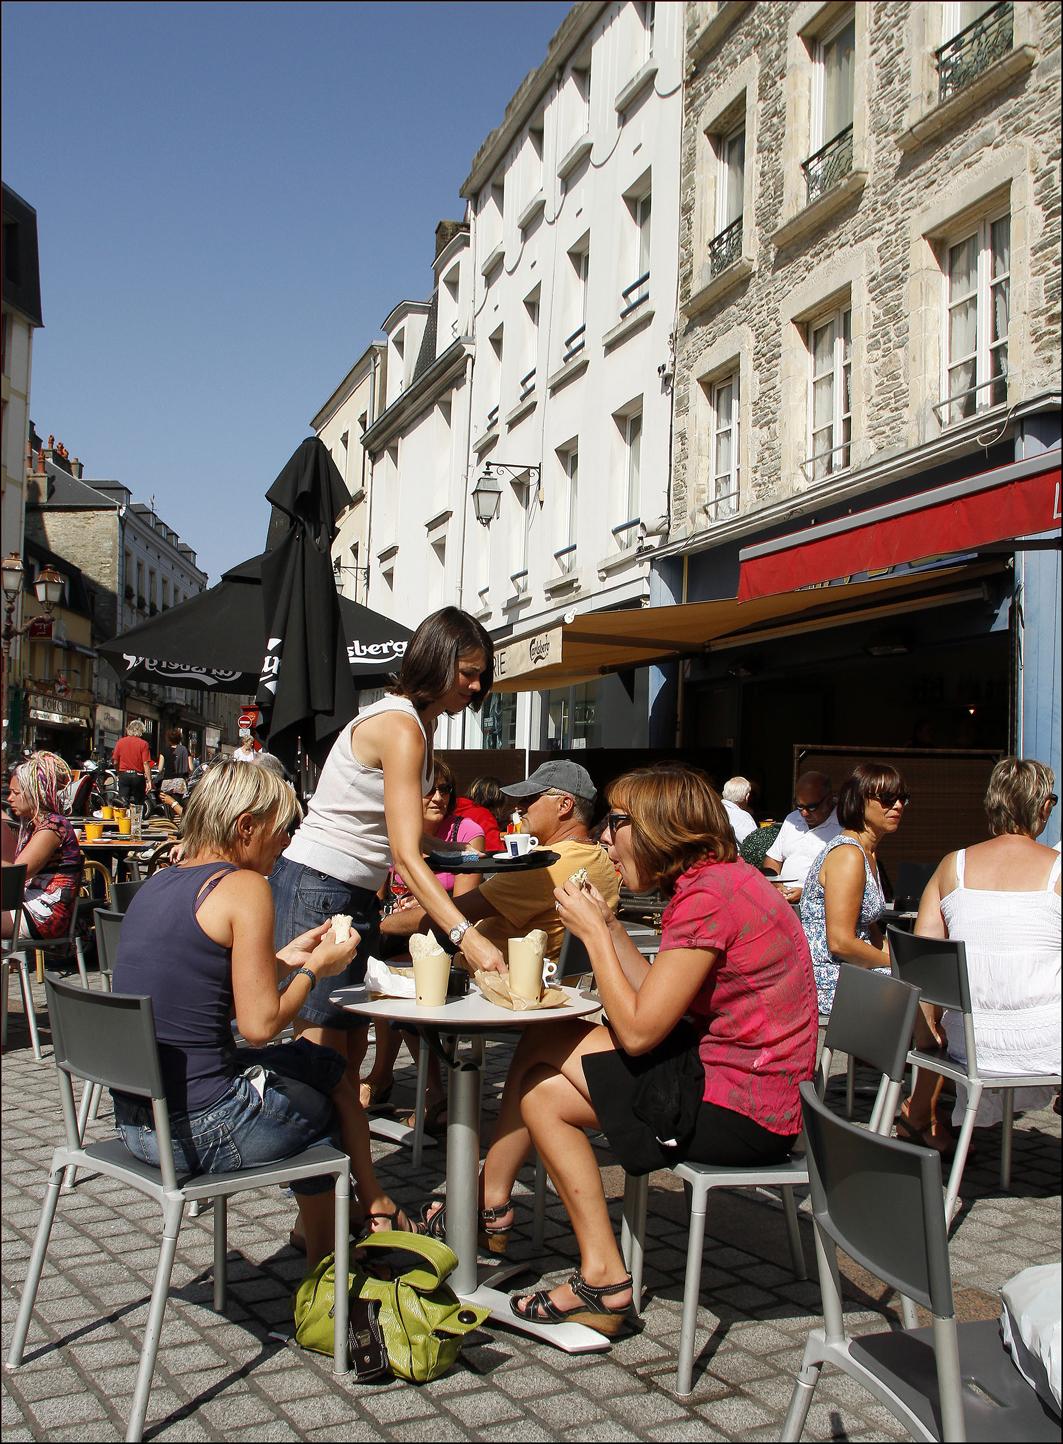 ©JM Enault Cherbourg-en-Cotentin (15)